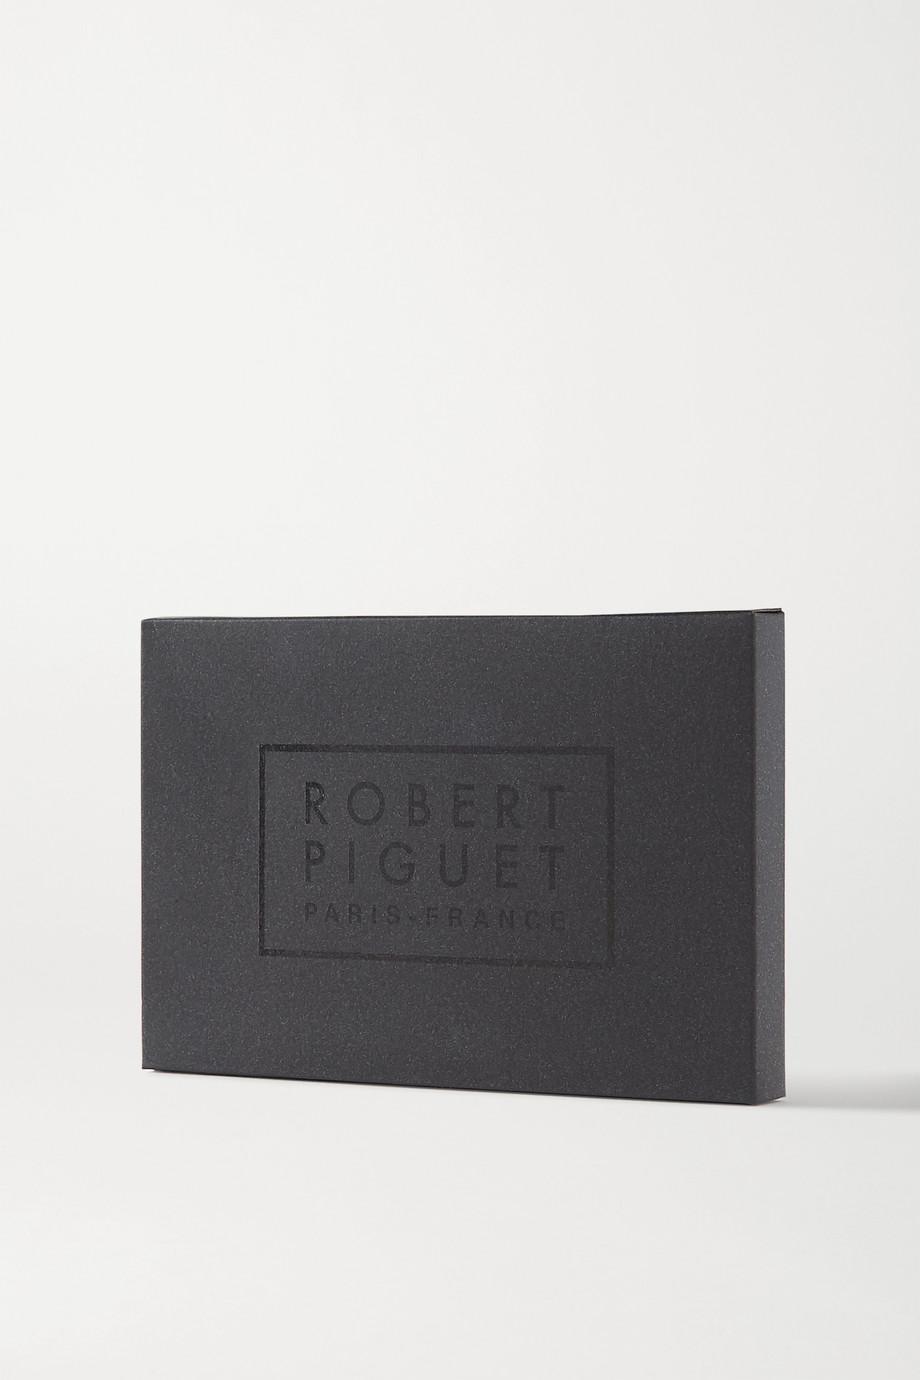 Robert Piguet Parfums Eau de Parfum Discovery Set, 5 x 2,5 ml – Set aus Eaux de Parfum